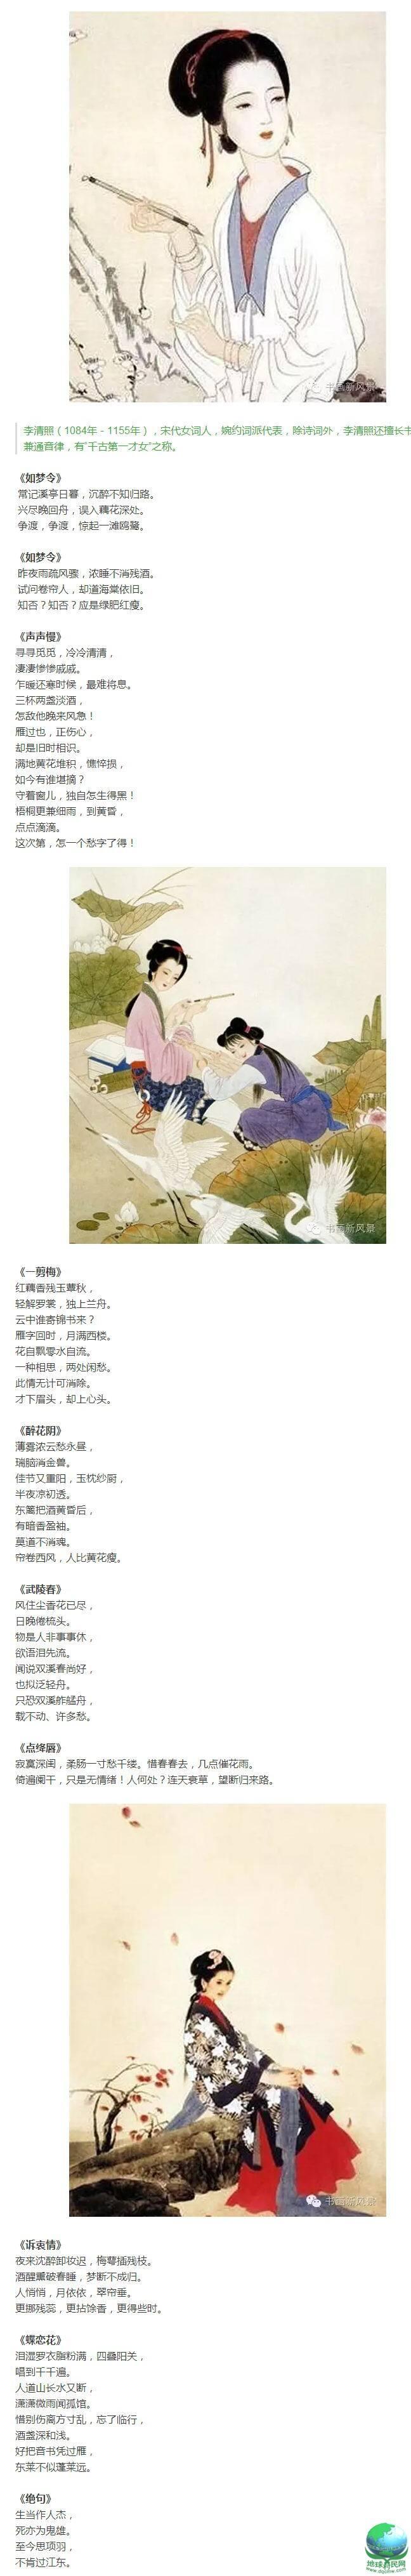 """""""千古第一才女""""李清照最经典的十首诗词"""